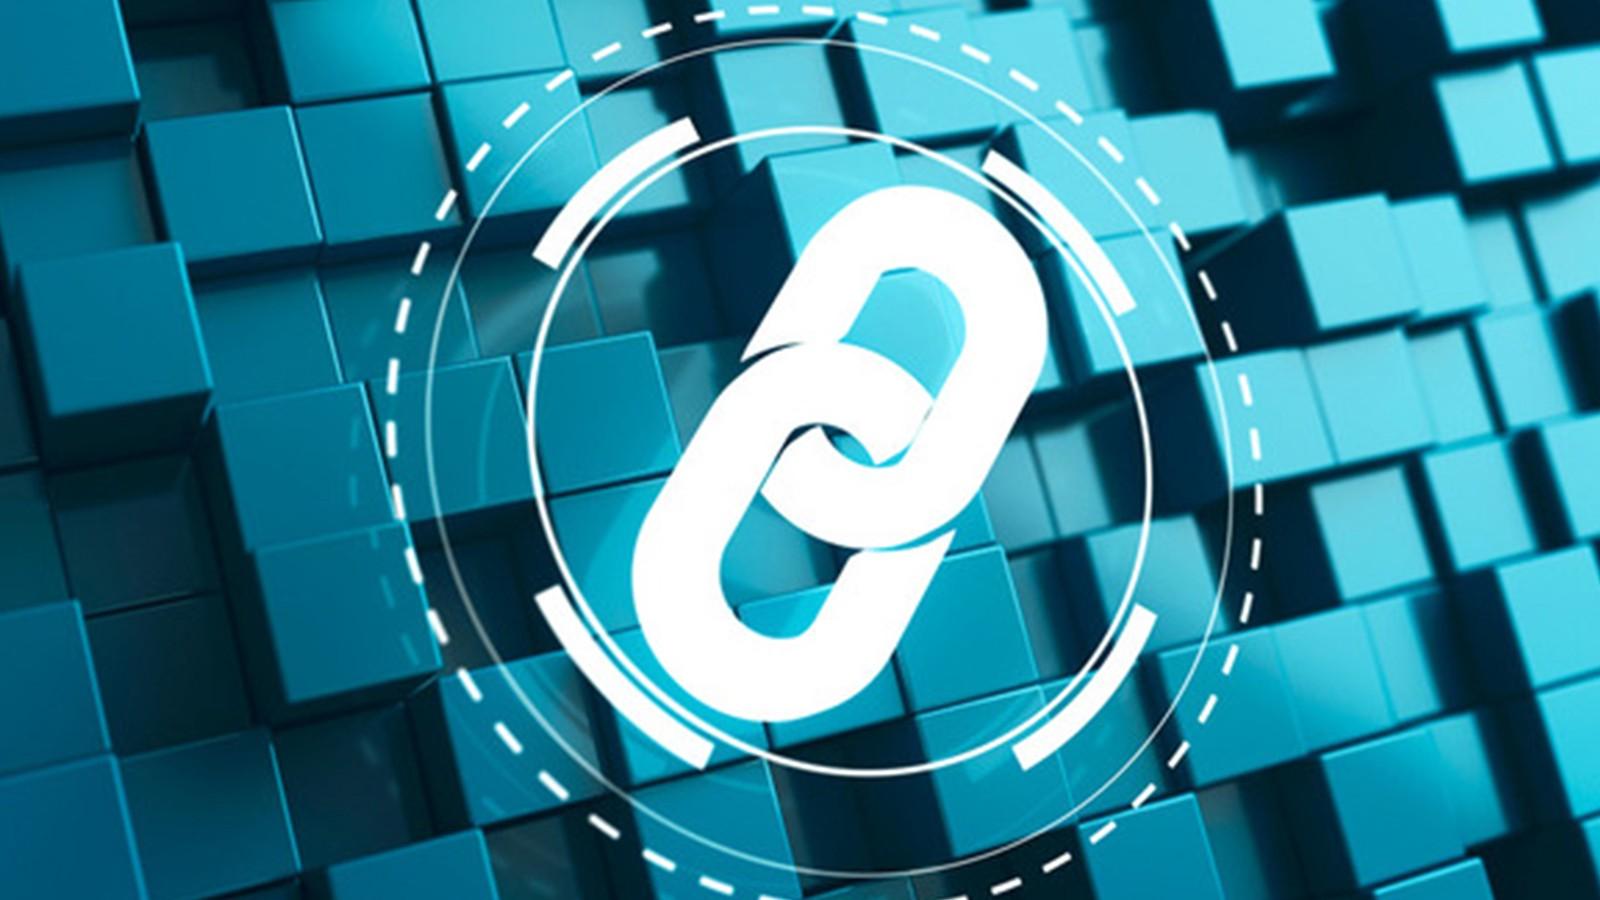 В страховой сфере протестирован инновационный блокчейн-проект